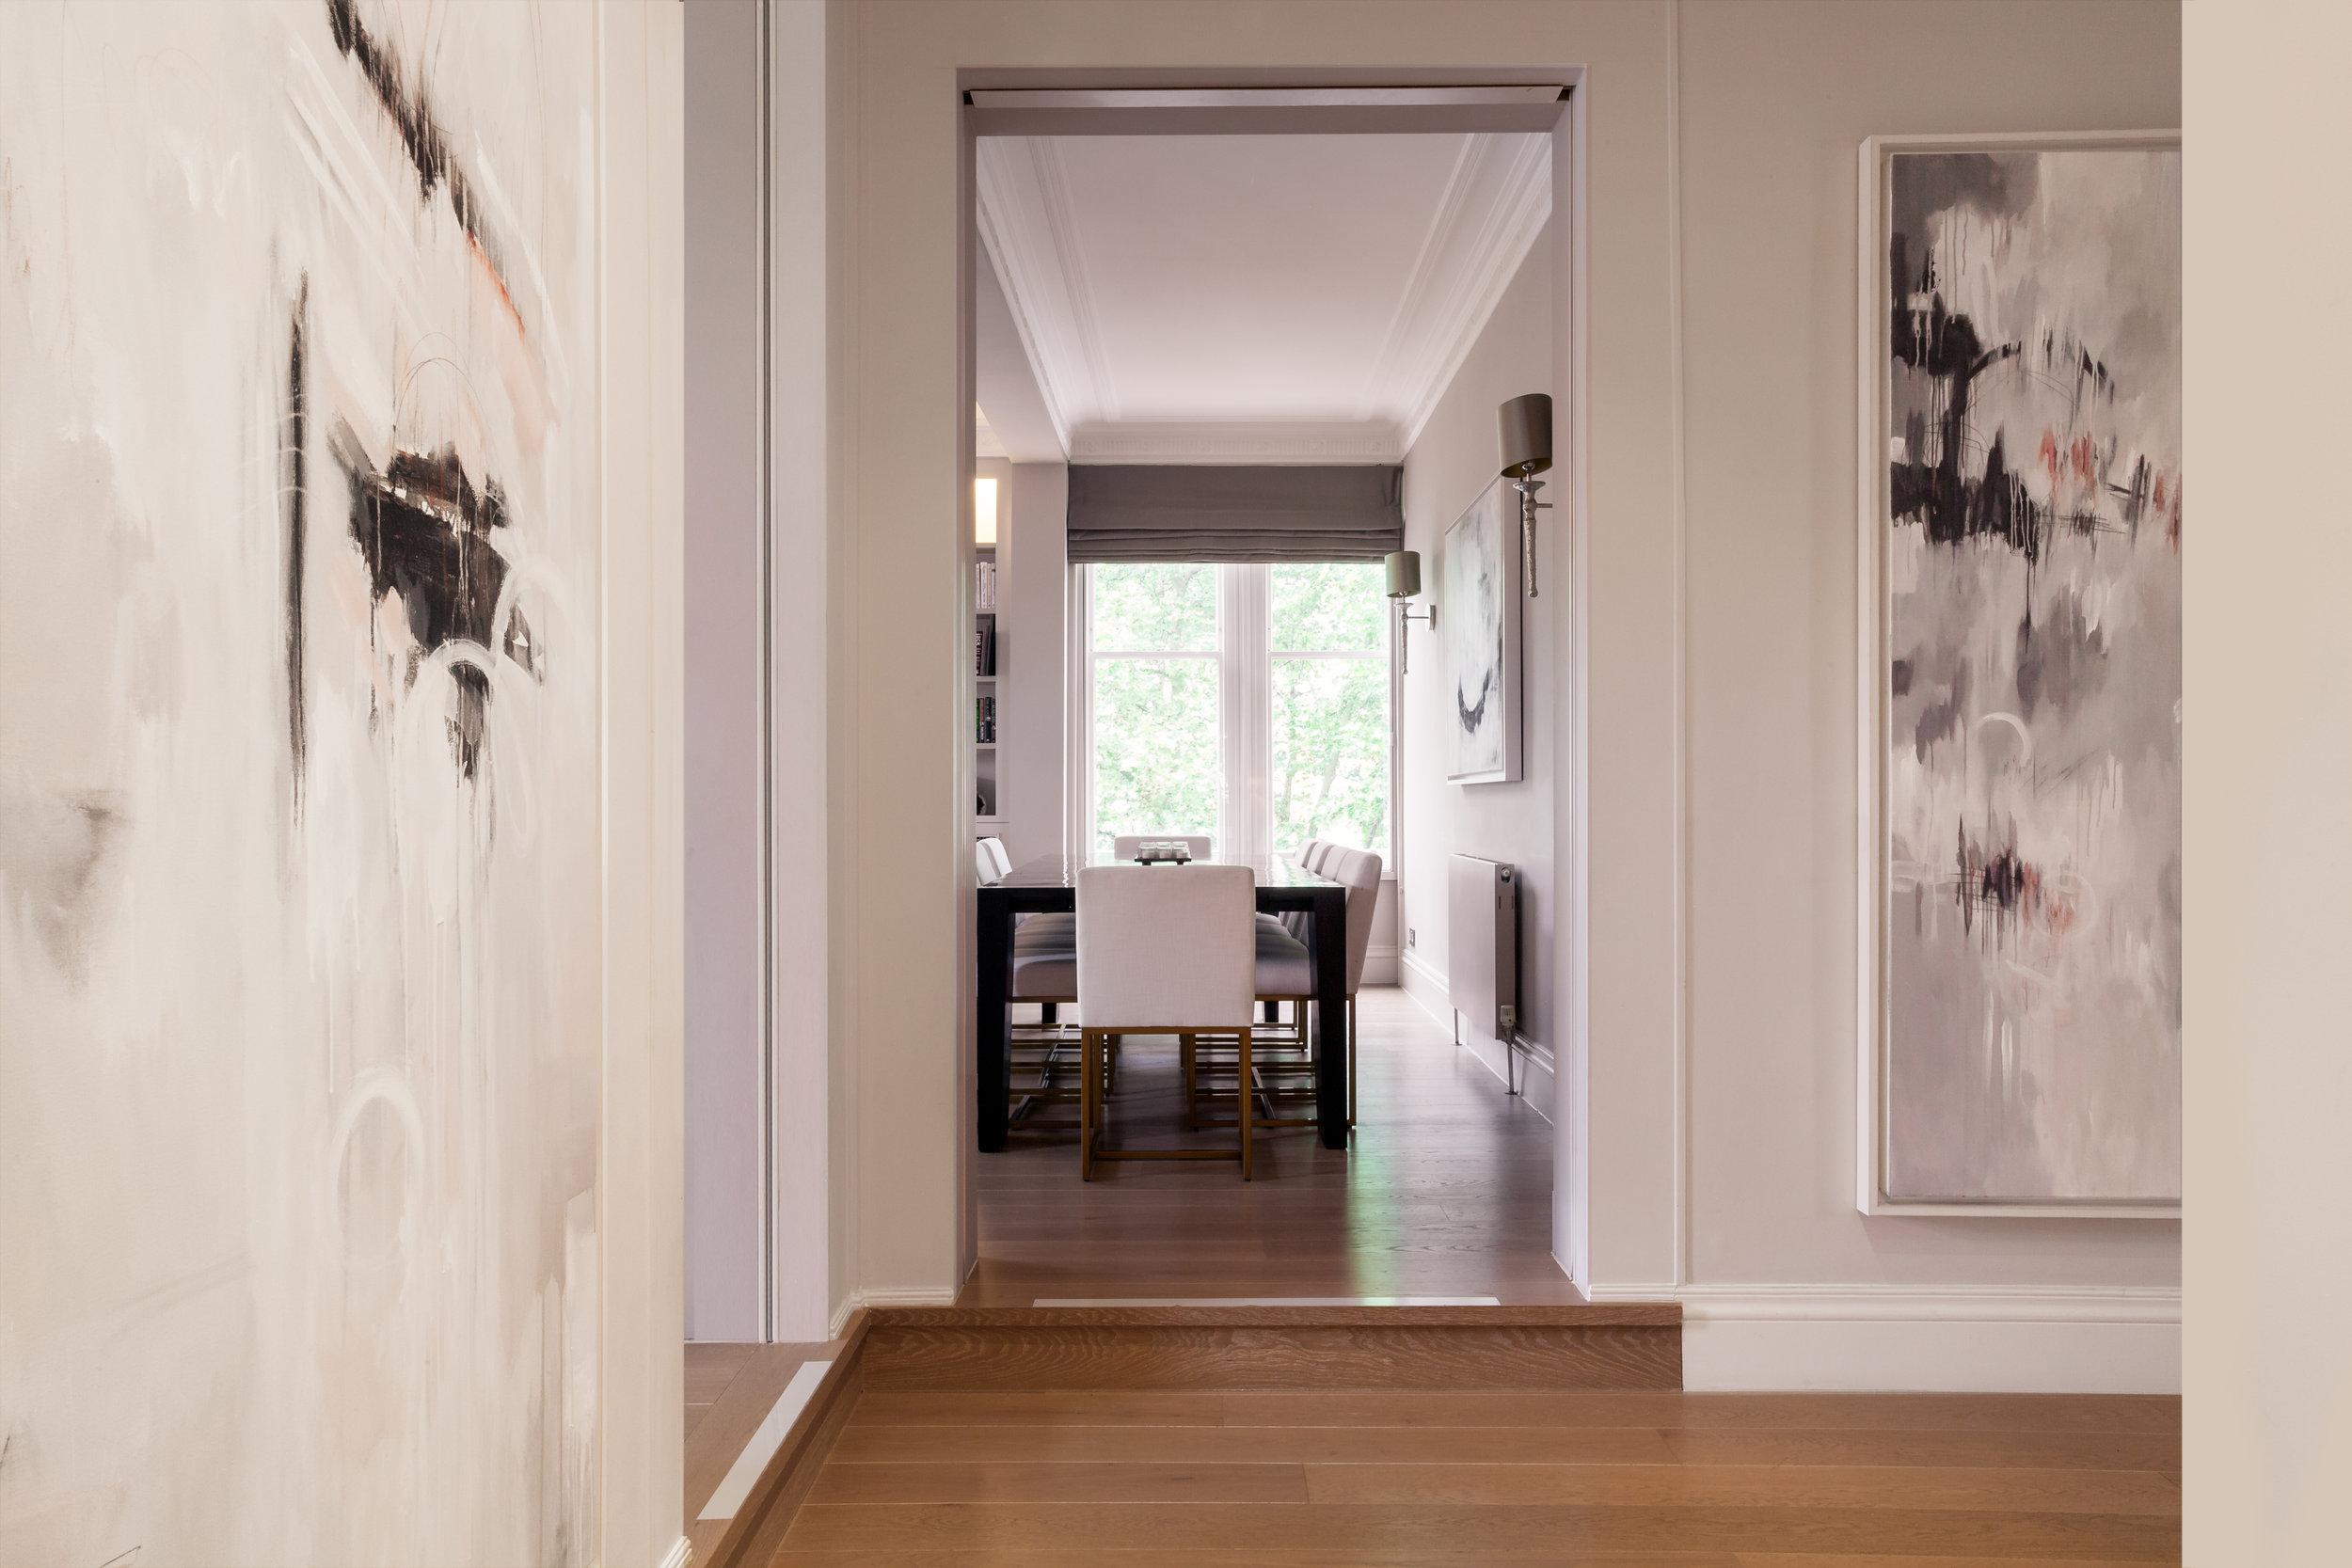 3 hall into dining._MG_0710-Edit copy.jpg